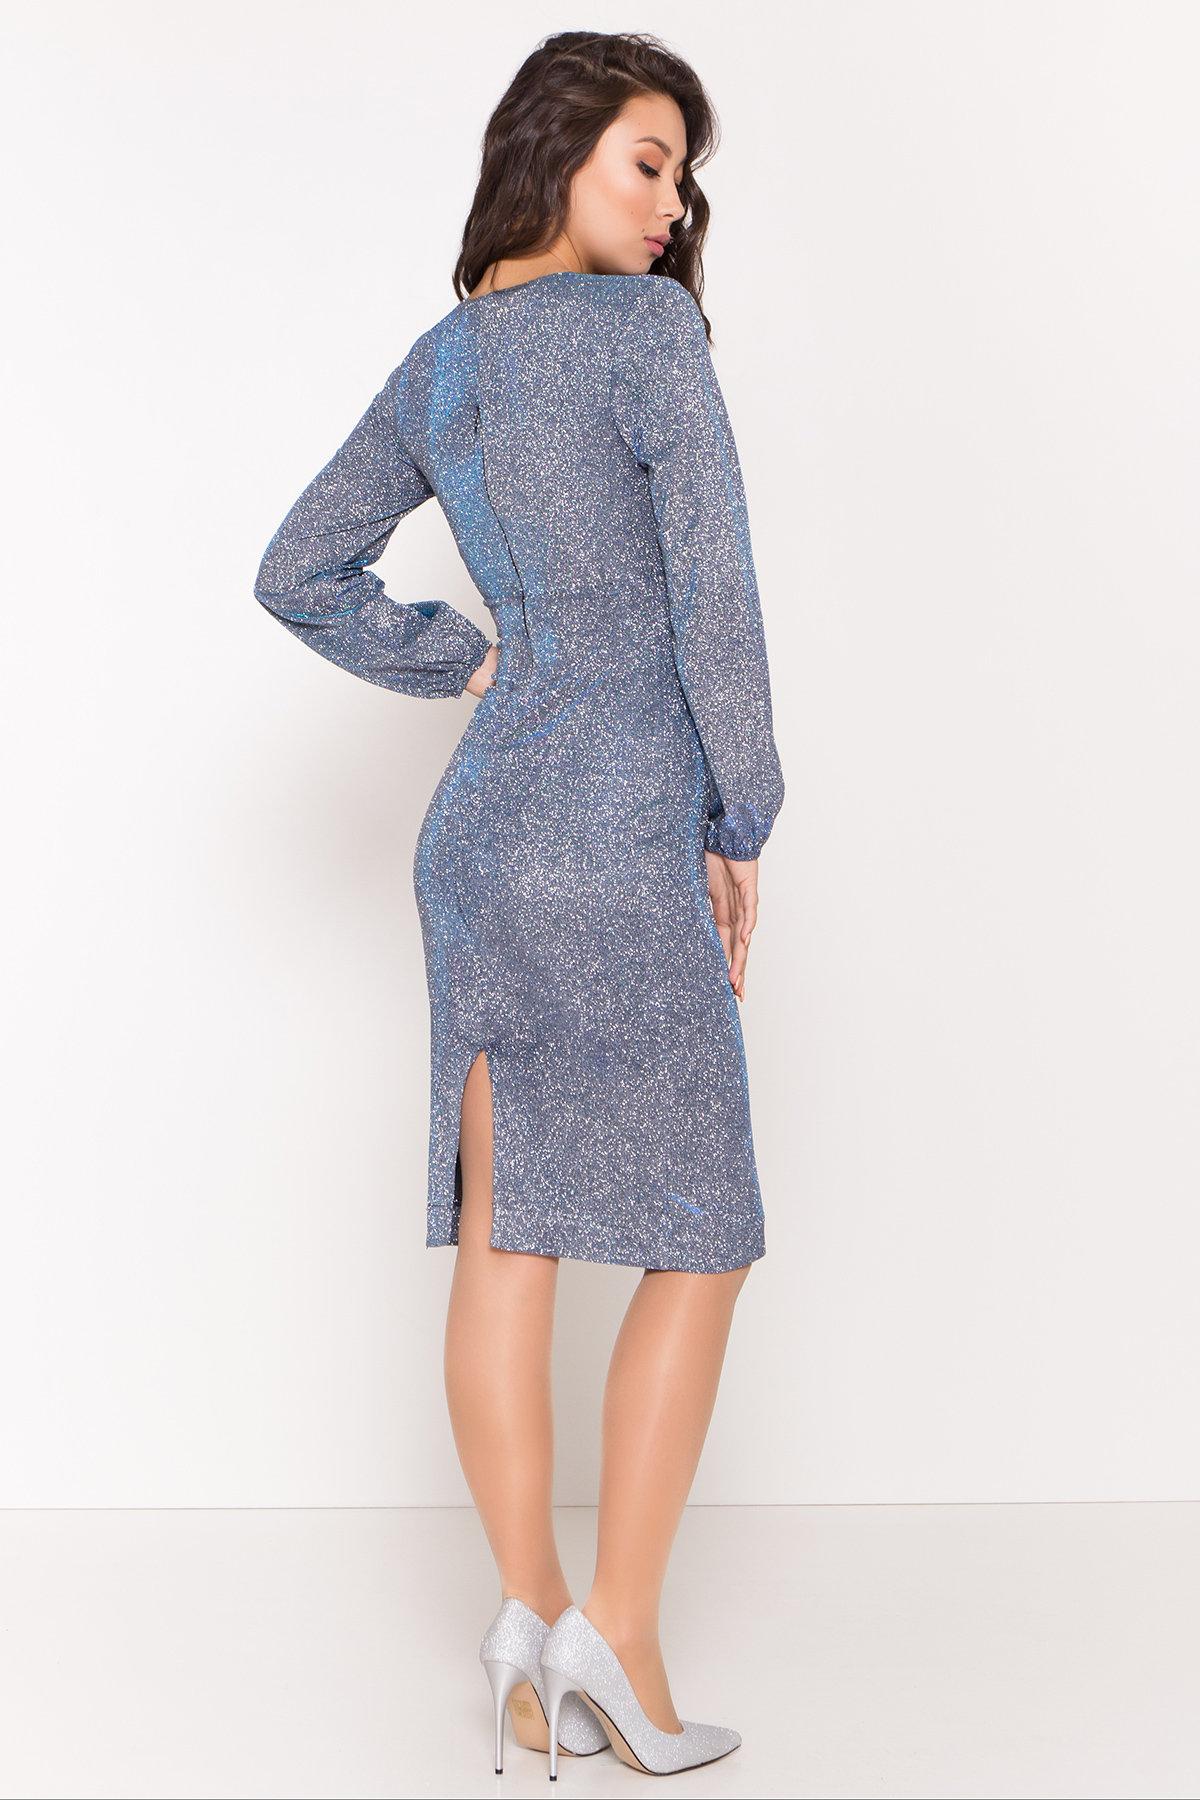 Нарядное платье с люрексом Фаселис 8527 АРТ. 45028 Цвет: Серебро/бирюза/электрик - фото 5, интернет магазин tm-modus.ru